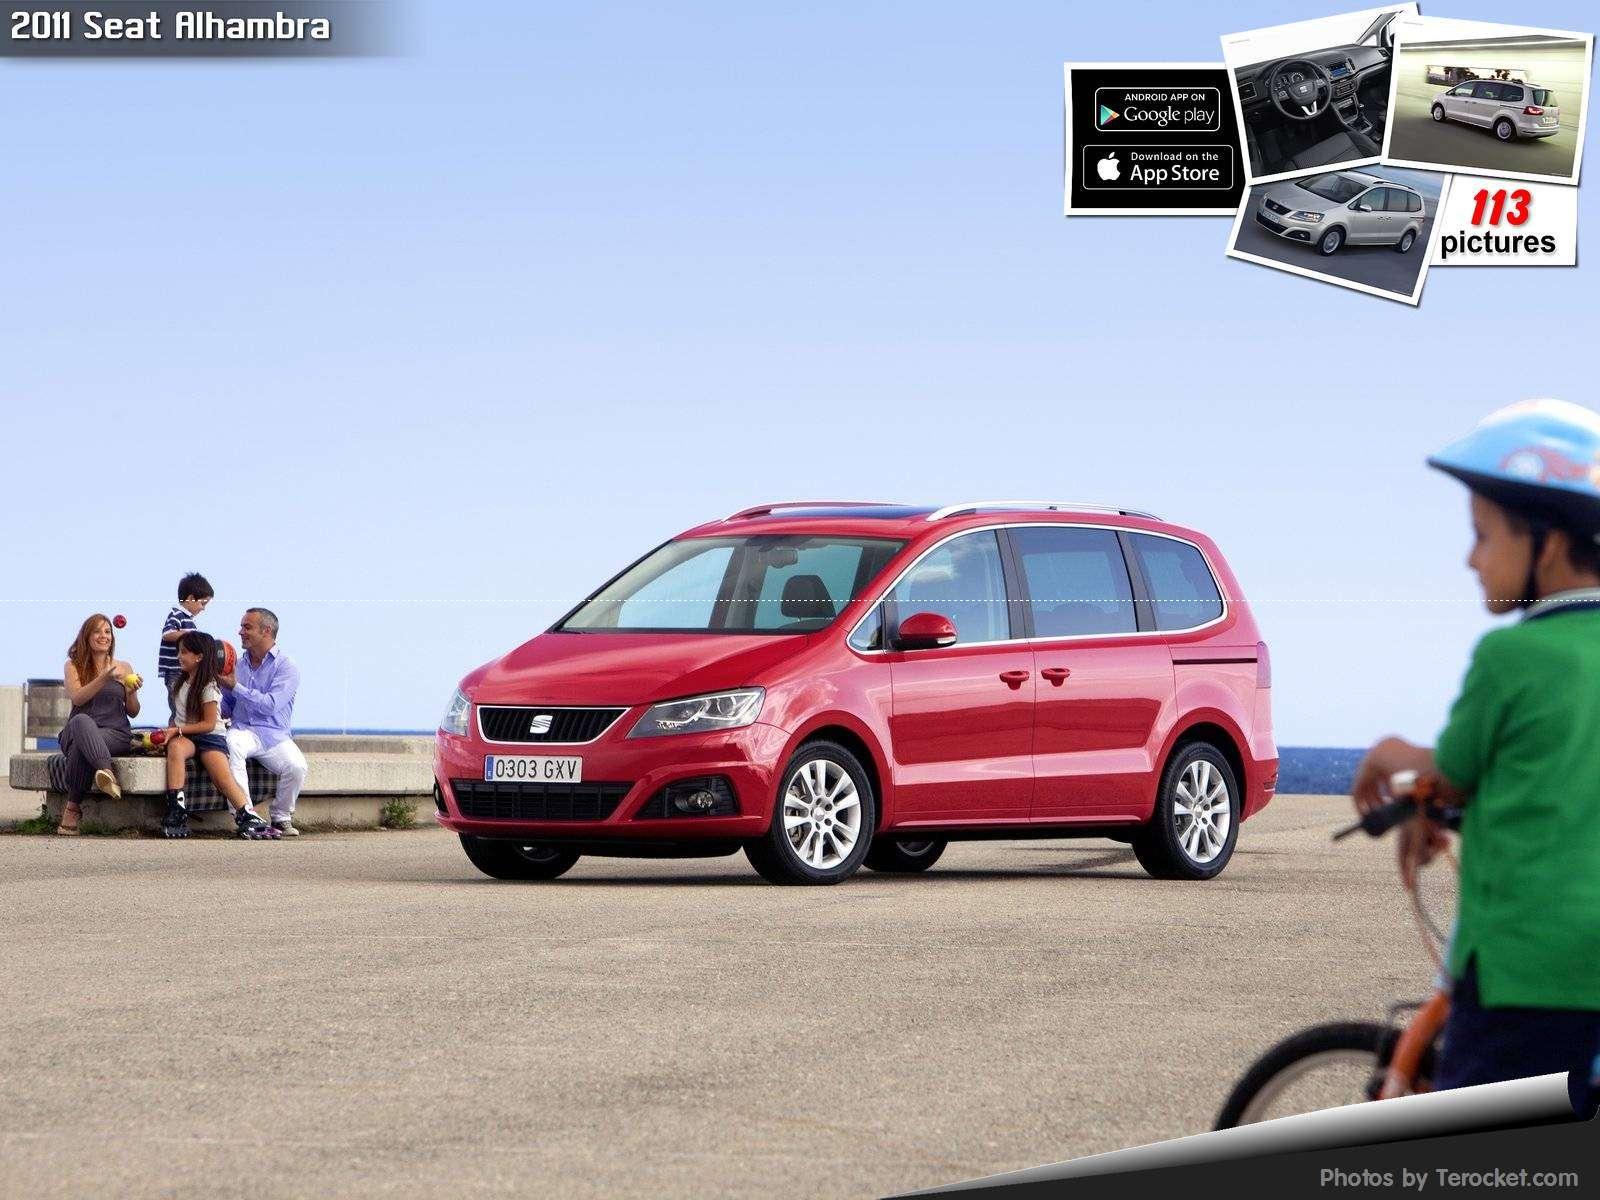 Hình ảnh xe ô tô Seat Alhambra 2011 & nội ngoại thất